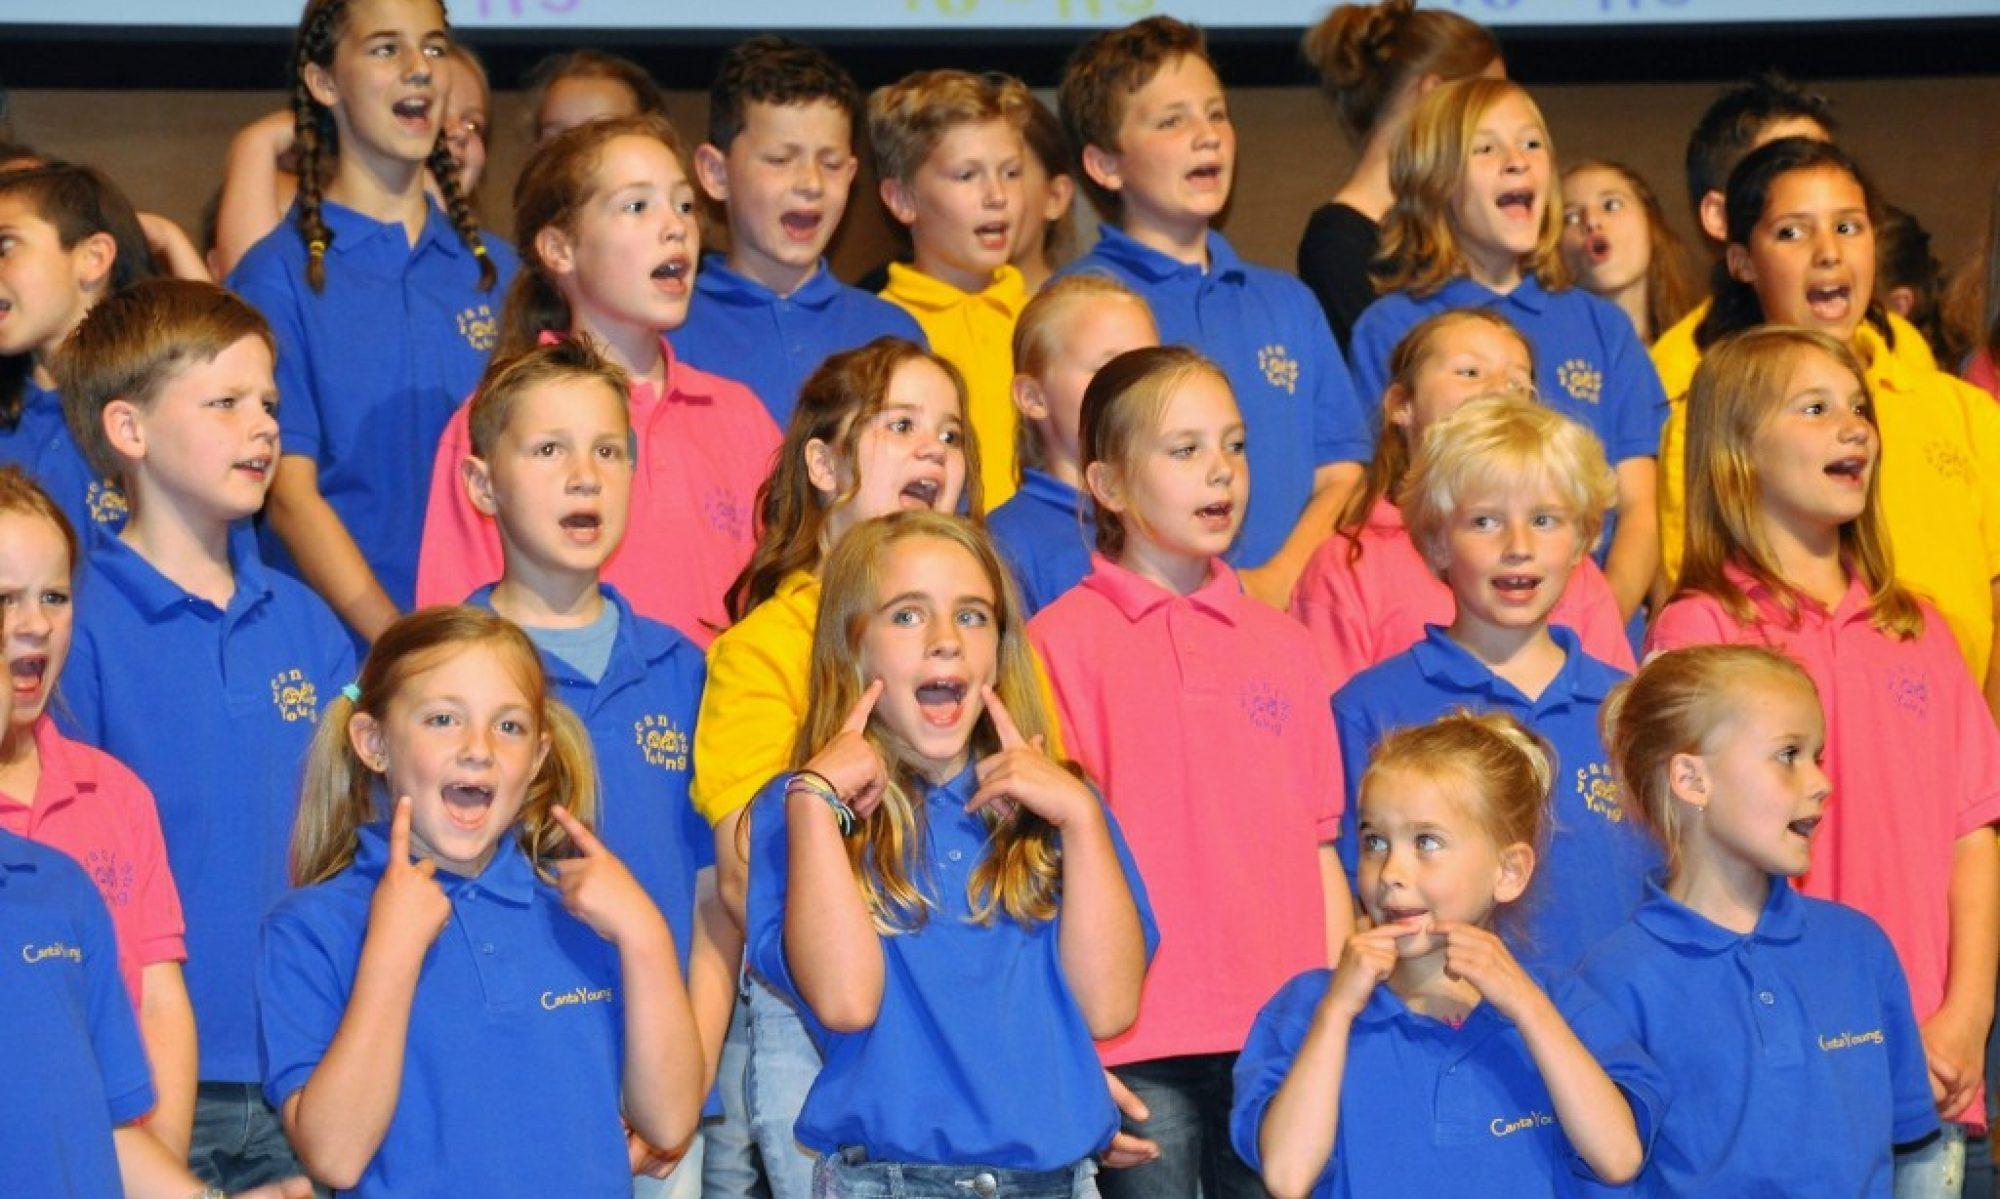 Zingen, lekker belangrijk!